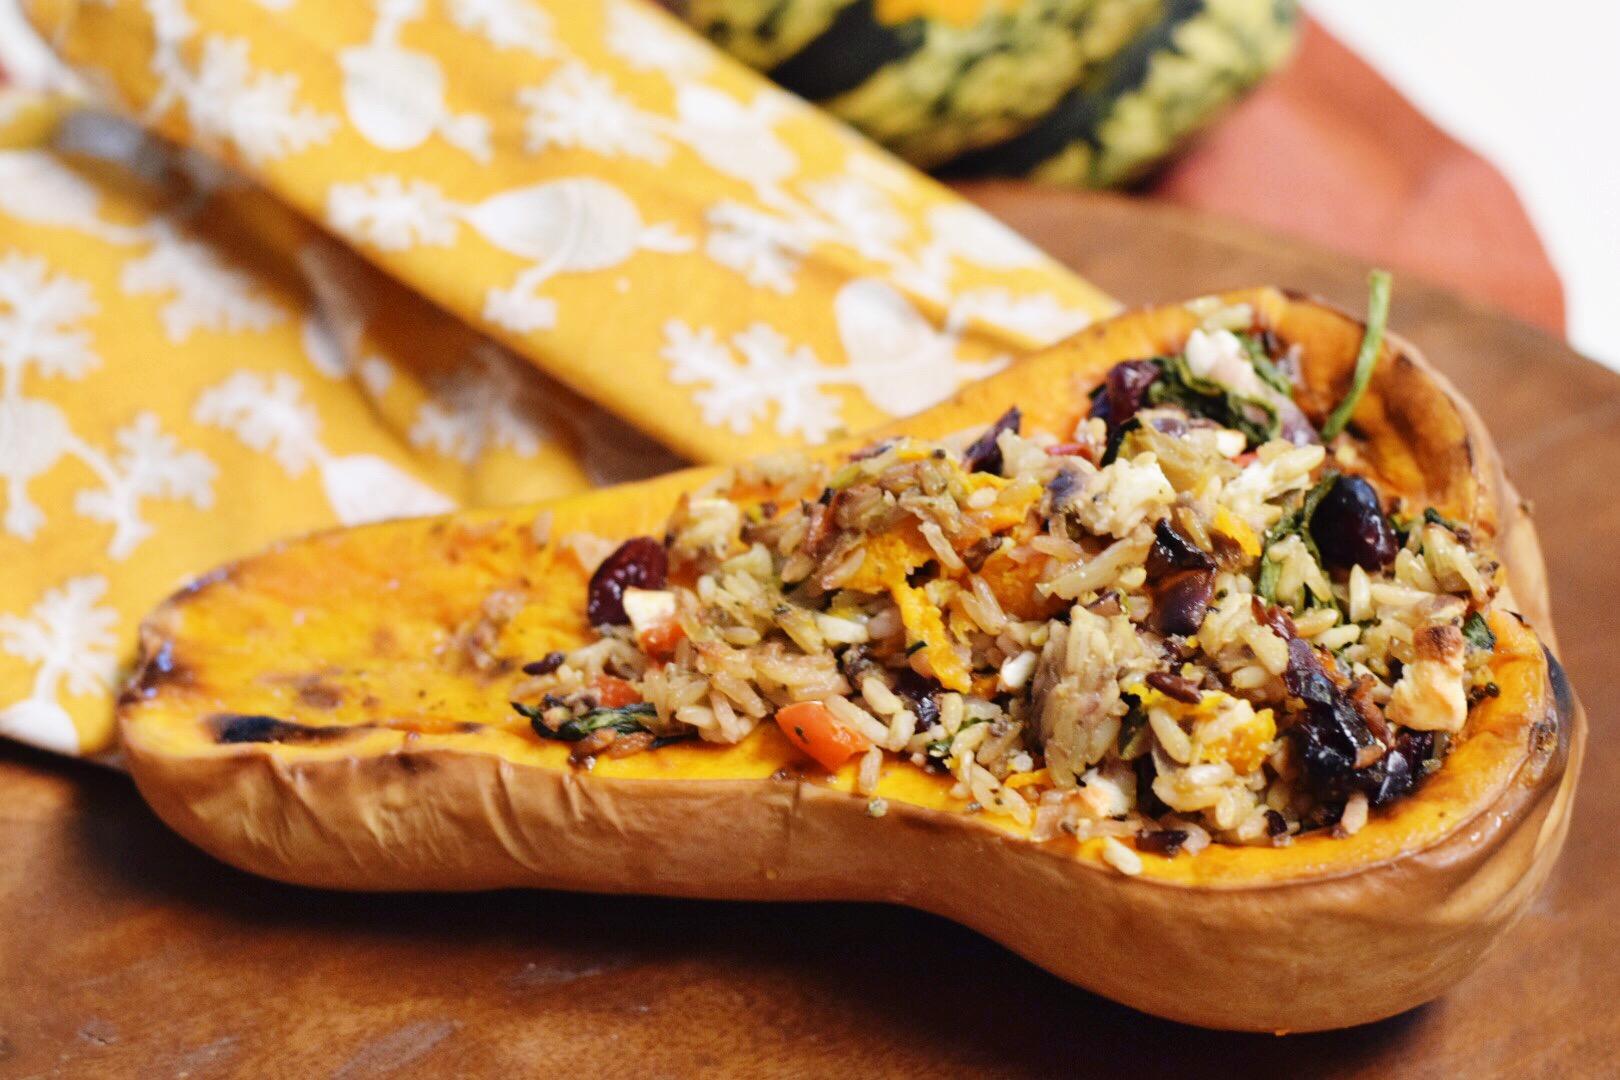 Roasted Stuffed Butternut Squash - Butternut Squash Recipe - Baked Butternut Squash For Fall - Fall Recipe - Gluten Free Recipe - Vegetarian Recipe - Vegetarian Fall Recipe - Fall Dinner Recipe - Communikait by Kait Hanson